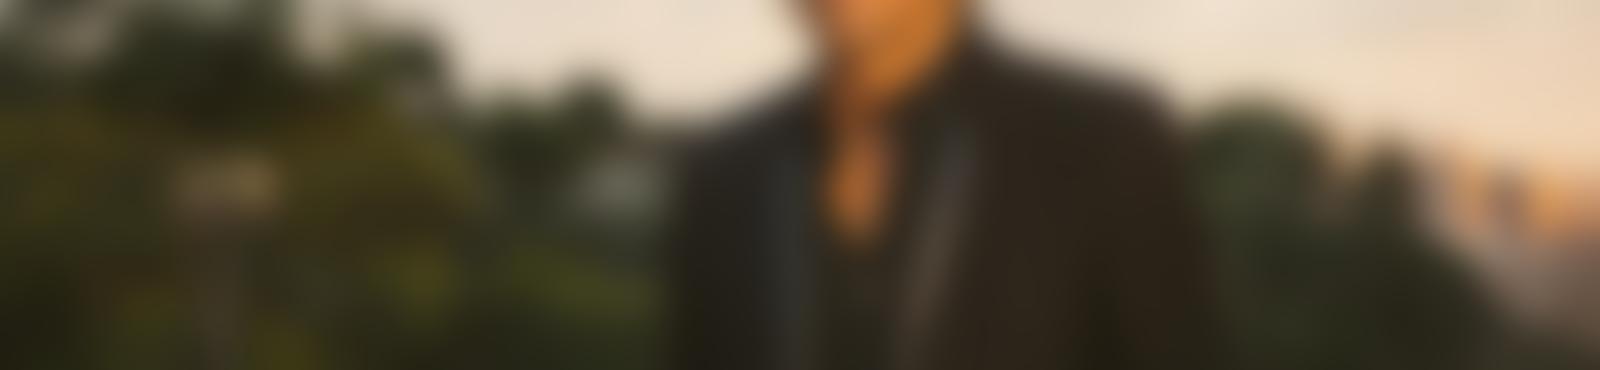 Blurred 4d8640b6 72fb 43d5 b434 52bb1484e3f0